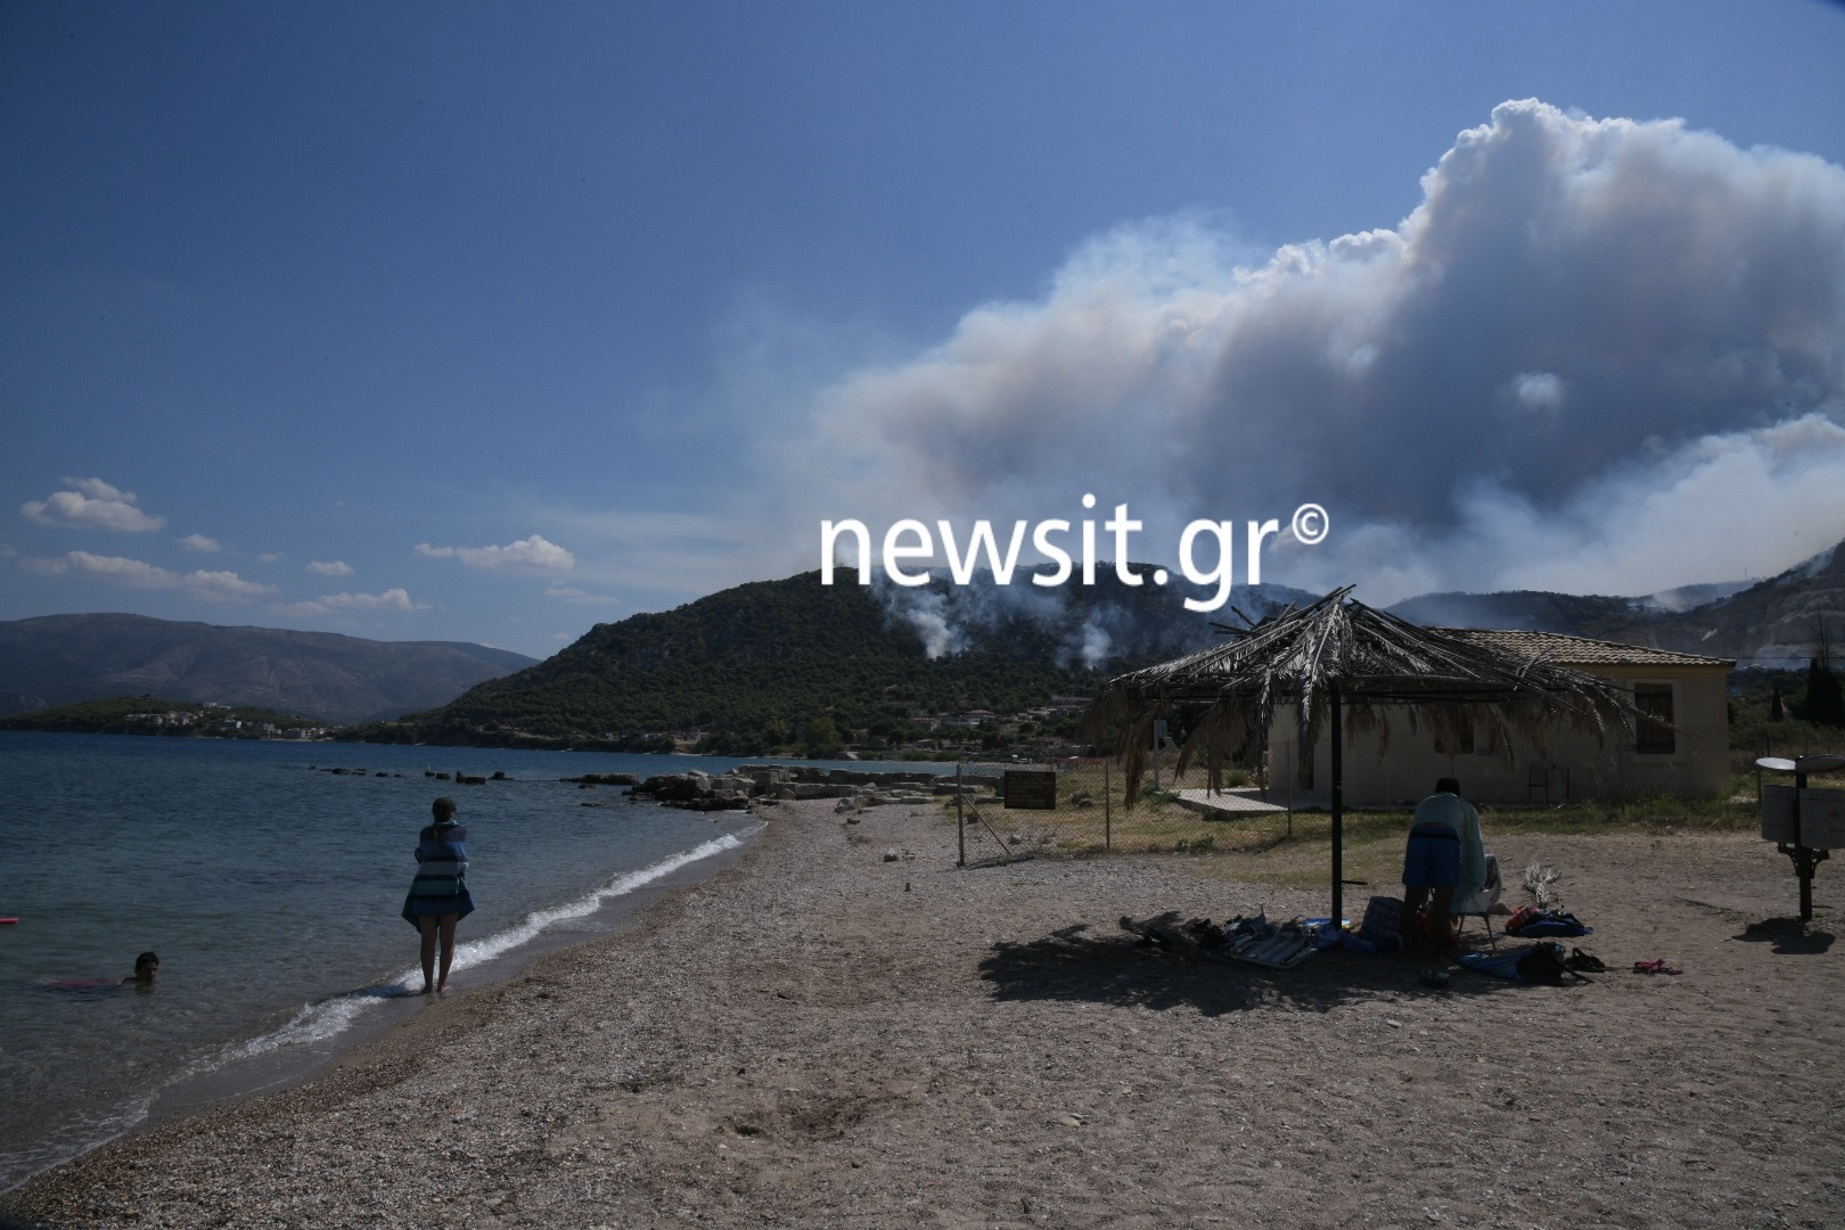 Φωτιά στις Κεχριές Κορινθίας – Απίστευτες εικόνες! Εκκενώθηκαν 3 οικισμοί και μια κατασκήνωση